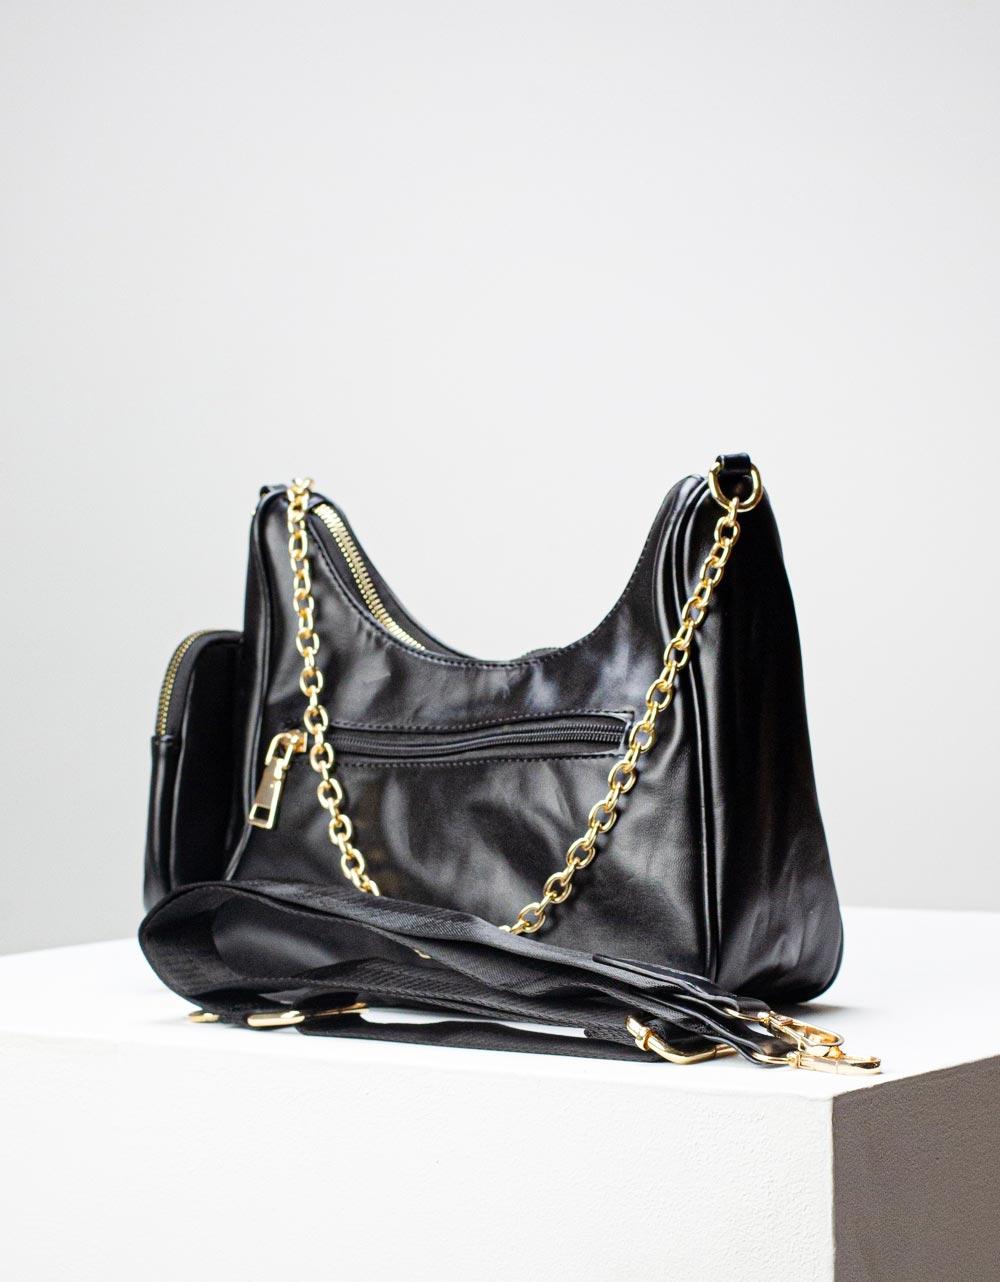 Εικόνα από Γυναικεία τσάντα ώμου & χιαστί με αλυσίδα και πορτοφόλι Μαύρο